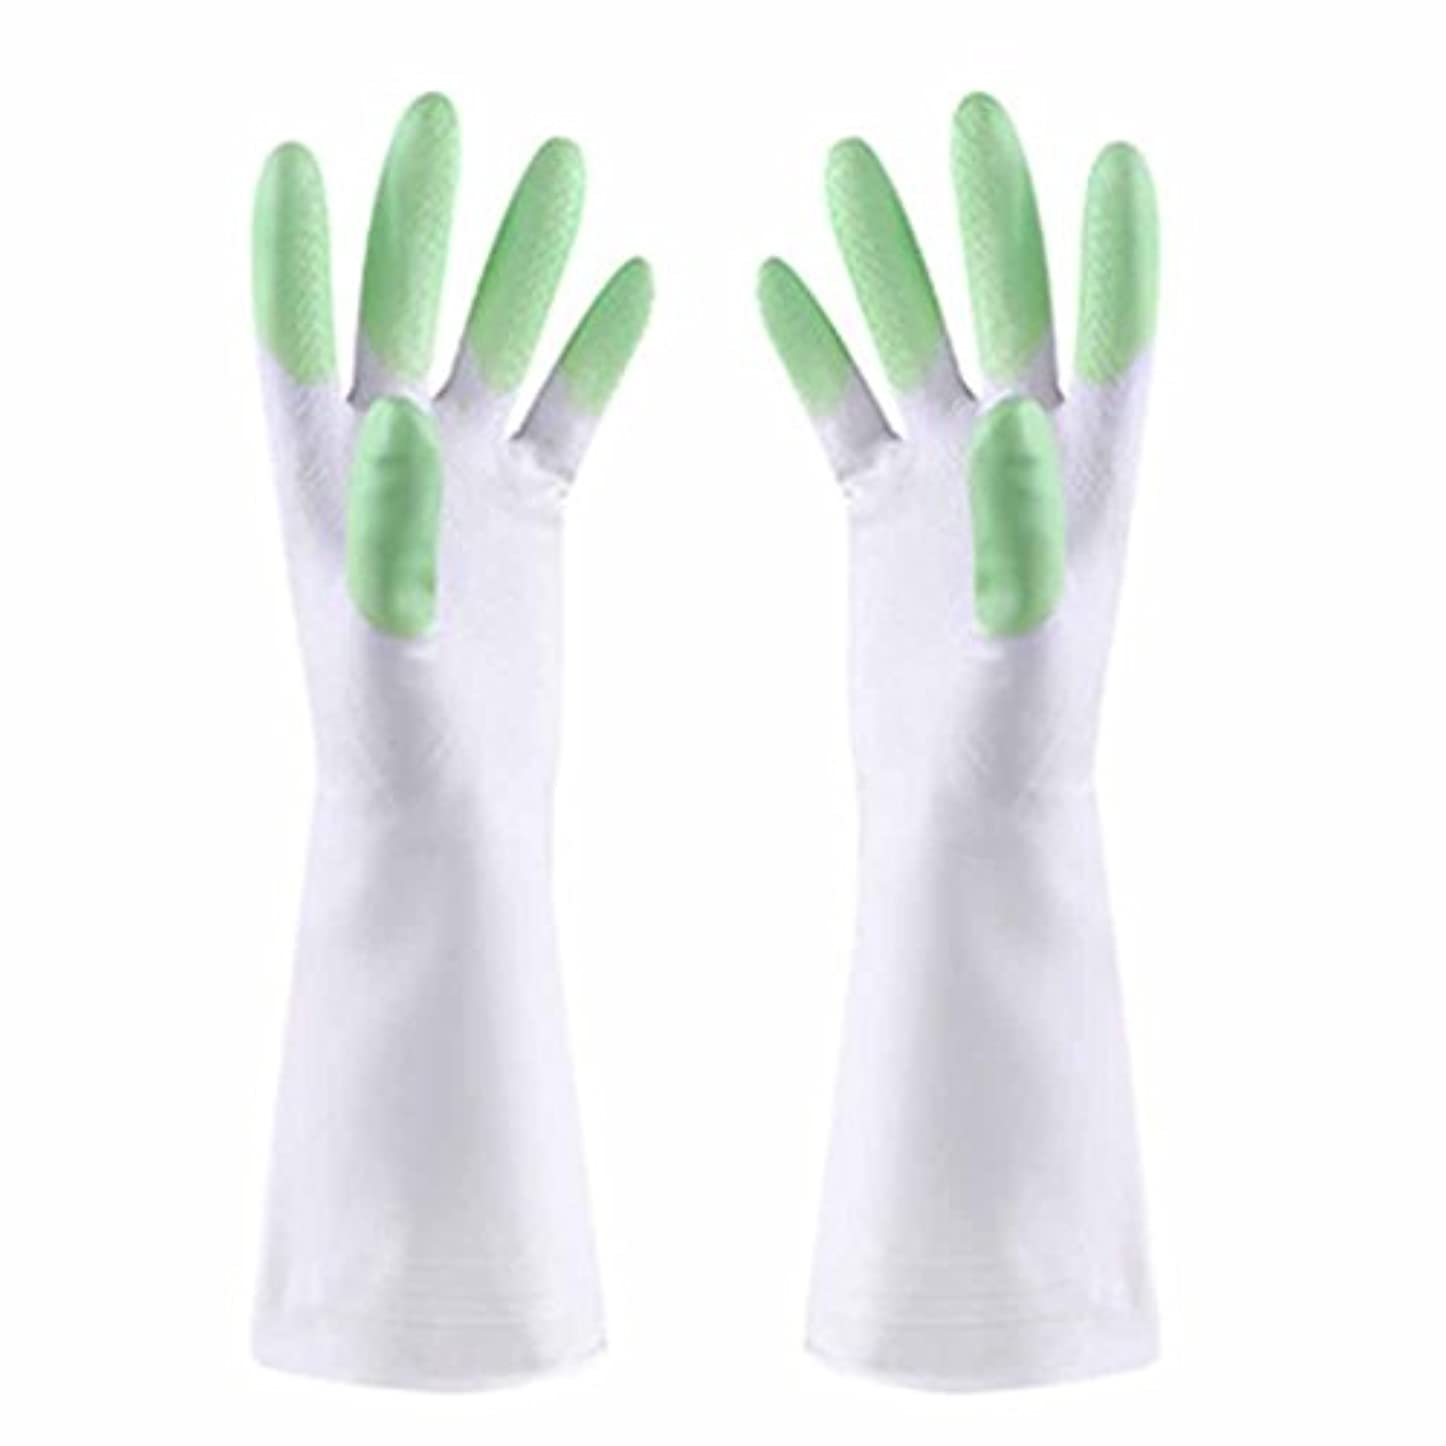 星麻酔薬畝間使い捨て手袋 防水性と耐油性の薄い手袋PVCスマートで耐久性の高いキッチン多機能手袋 (Color : Green)